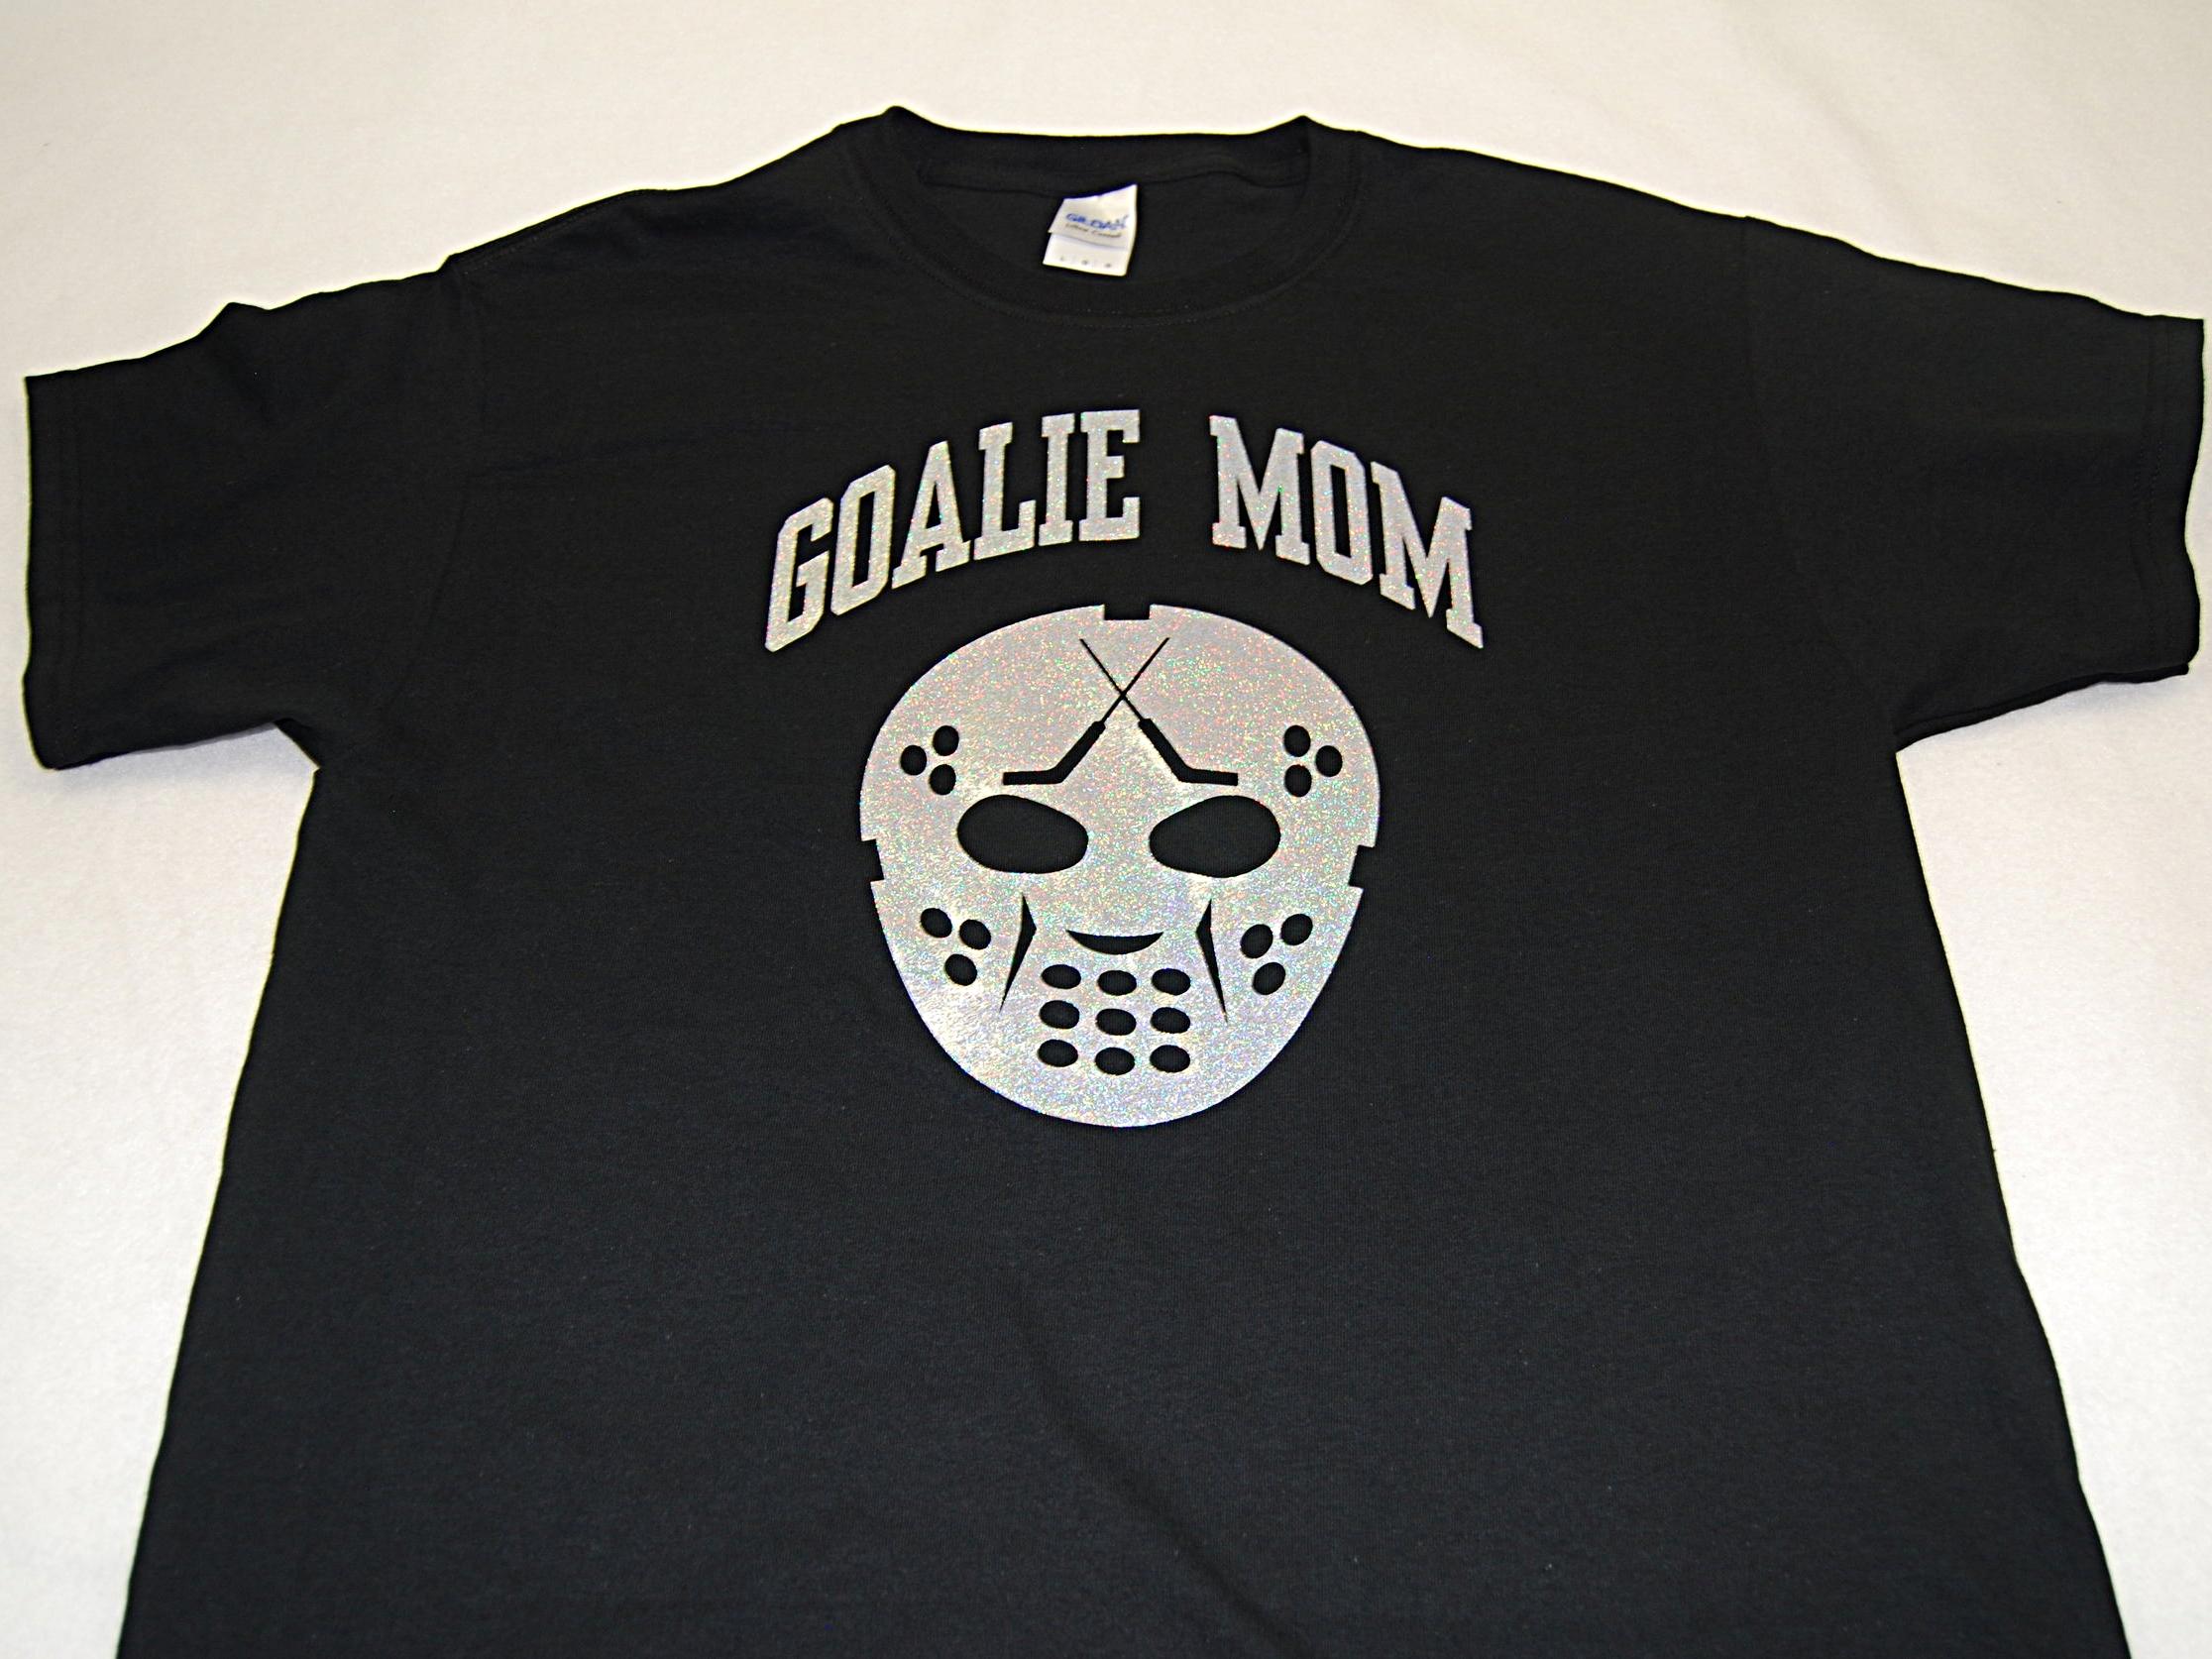 Goalie Mom w/Mask in silver glitter